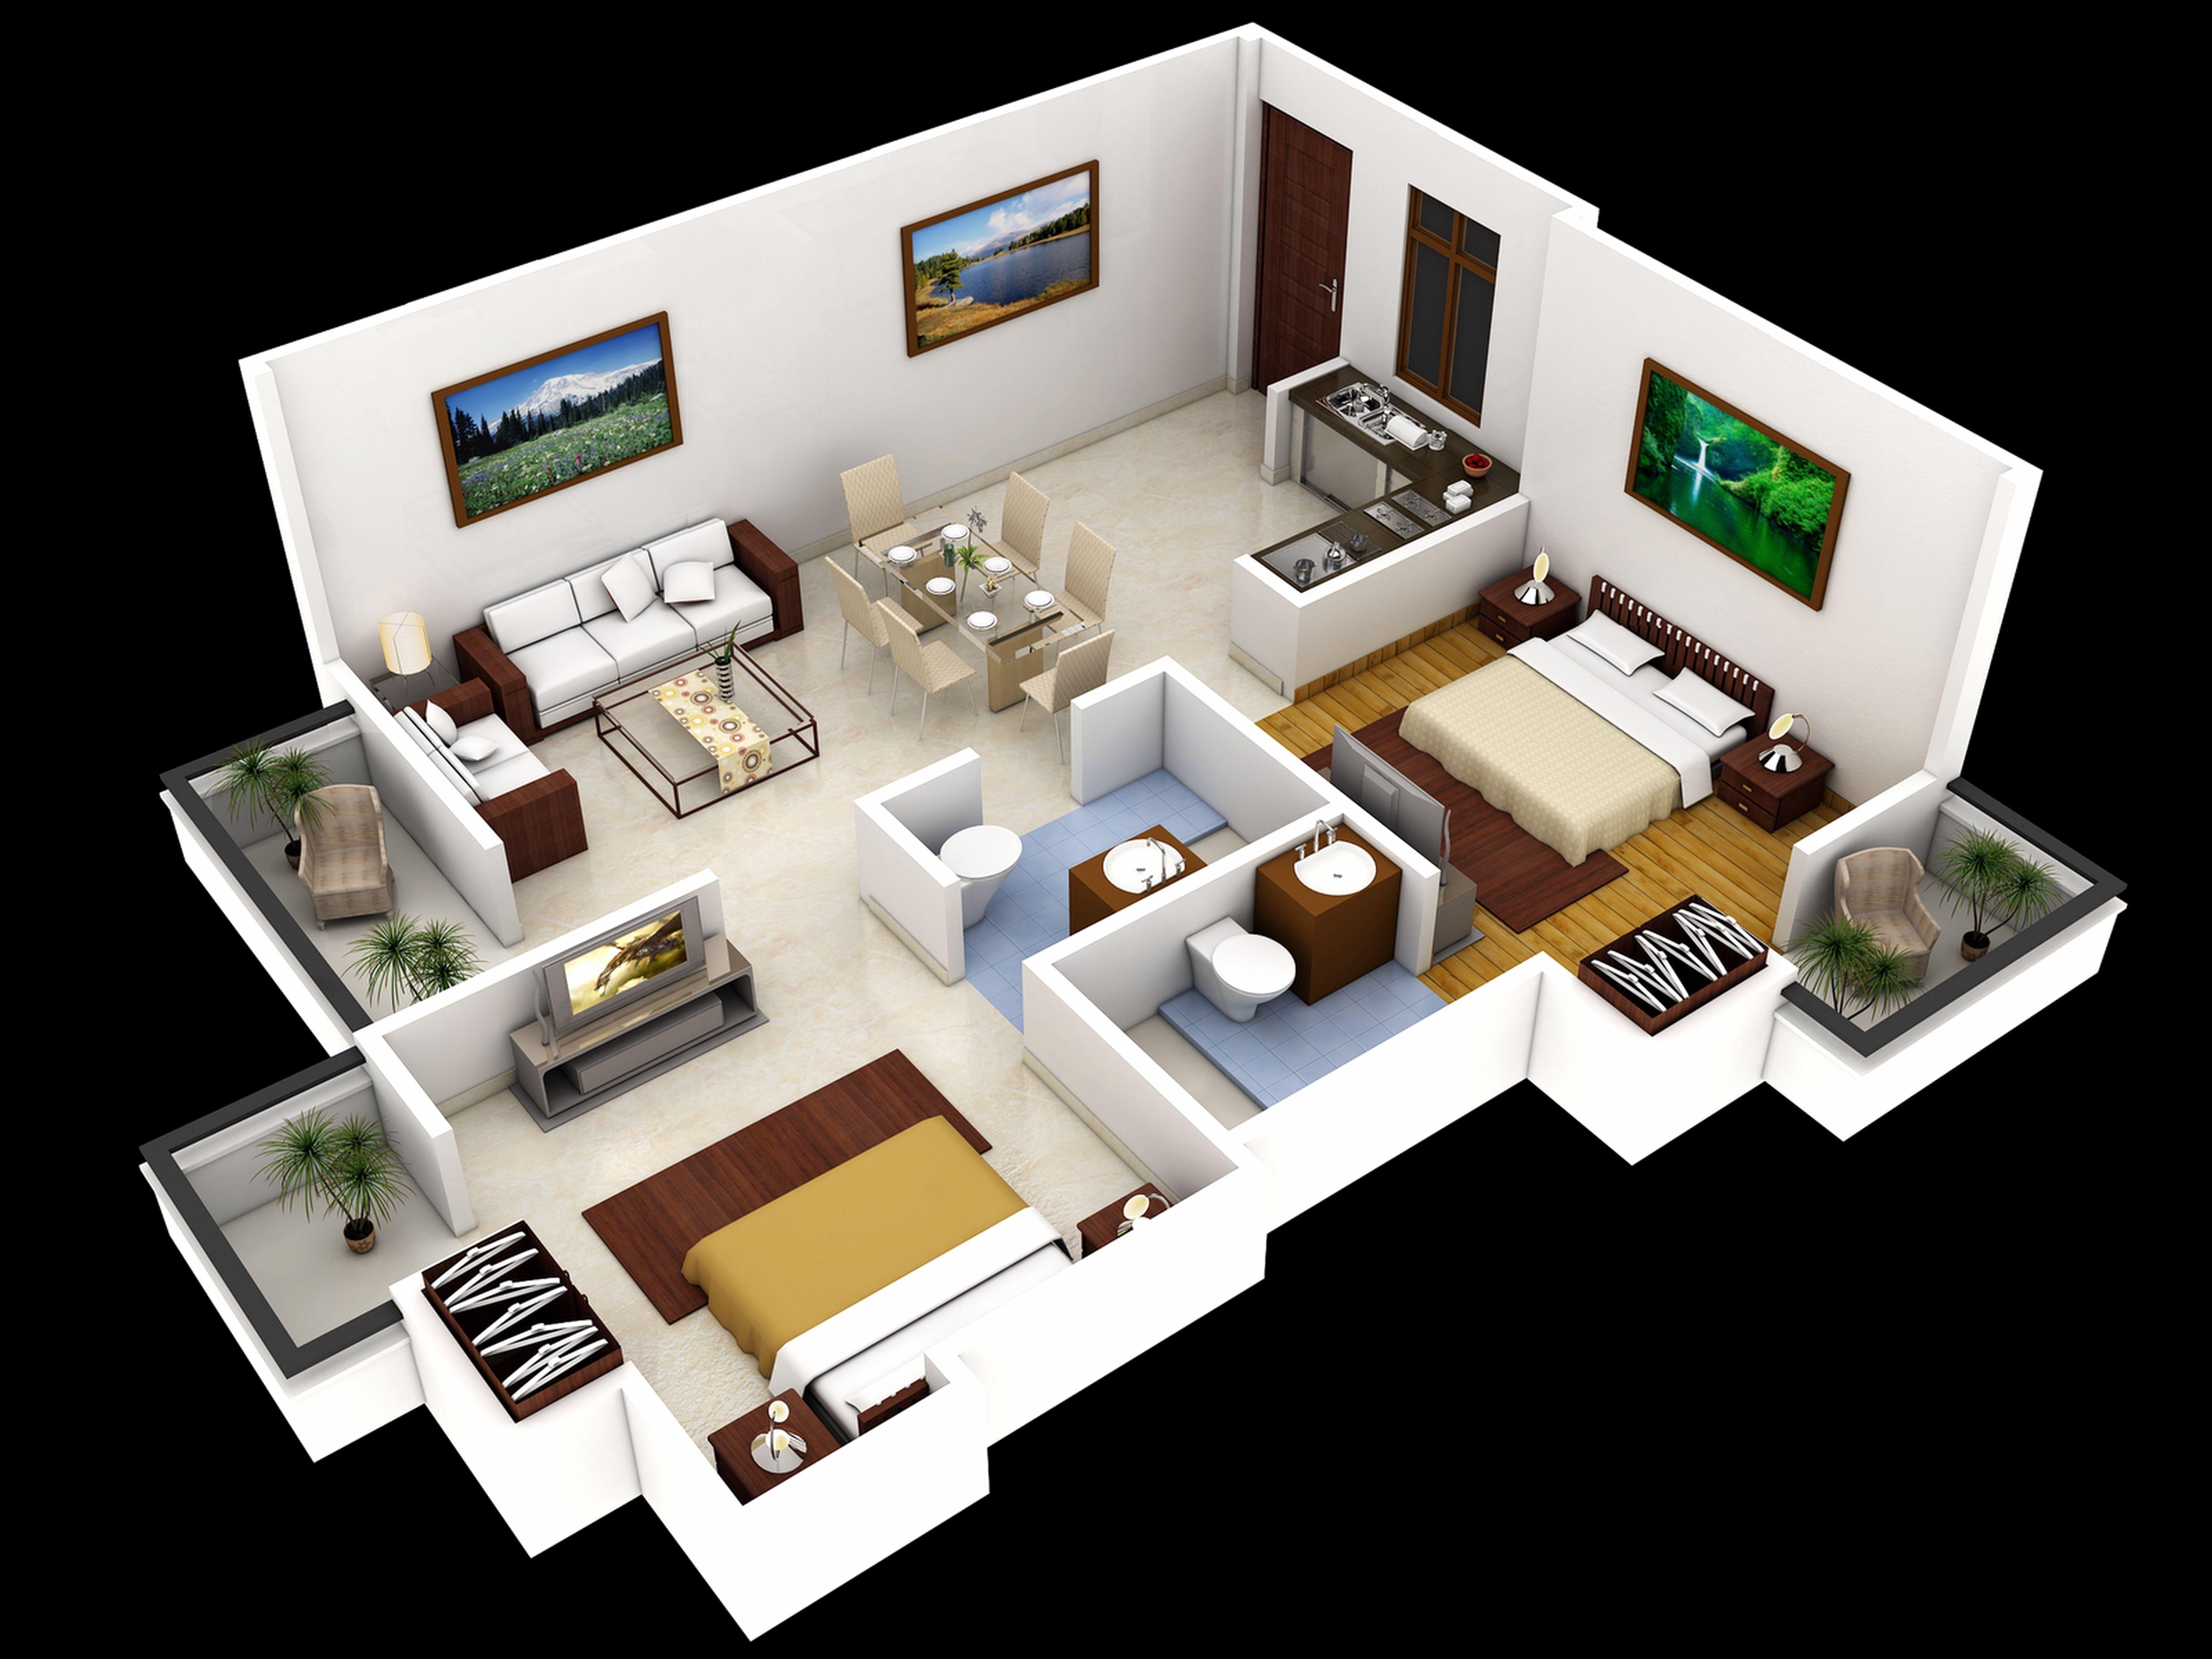 Luxory 3d hoses plans buscar con google home plans 3d for Home design 3d ipad ideas